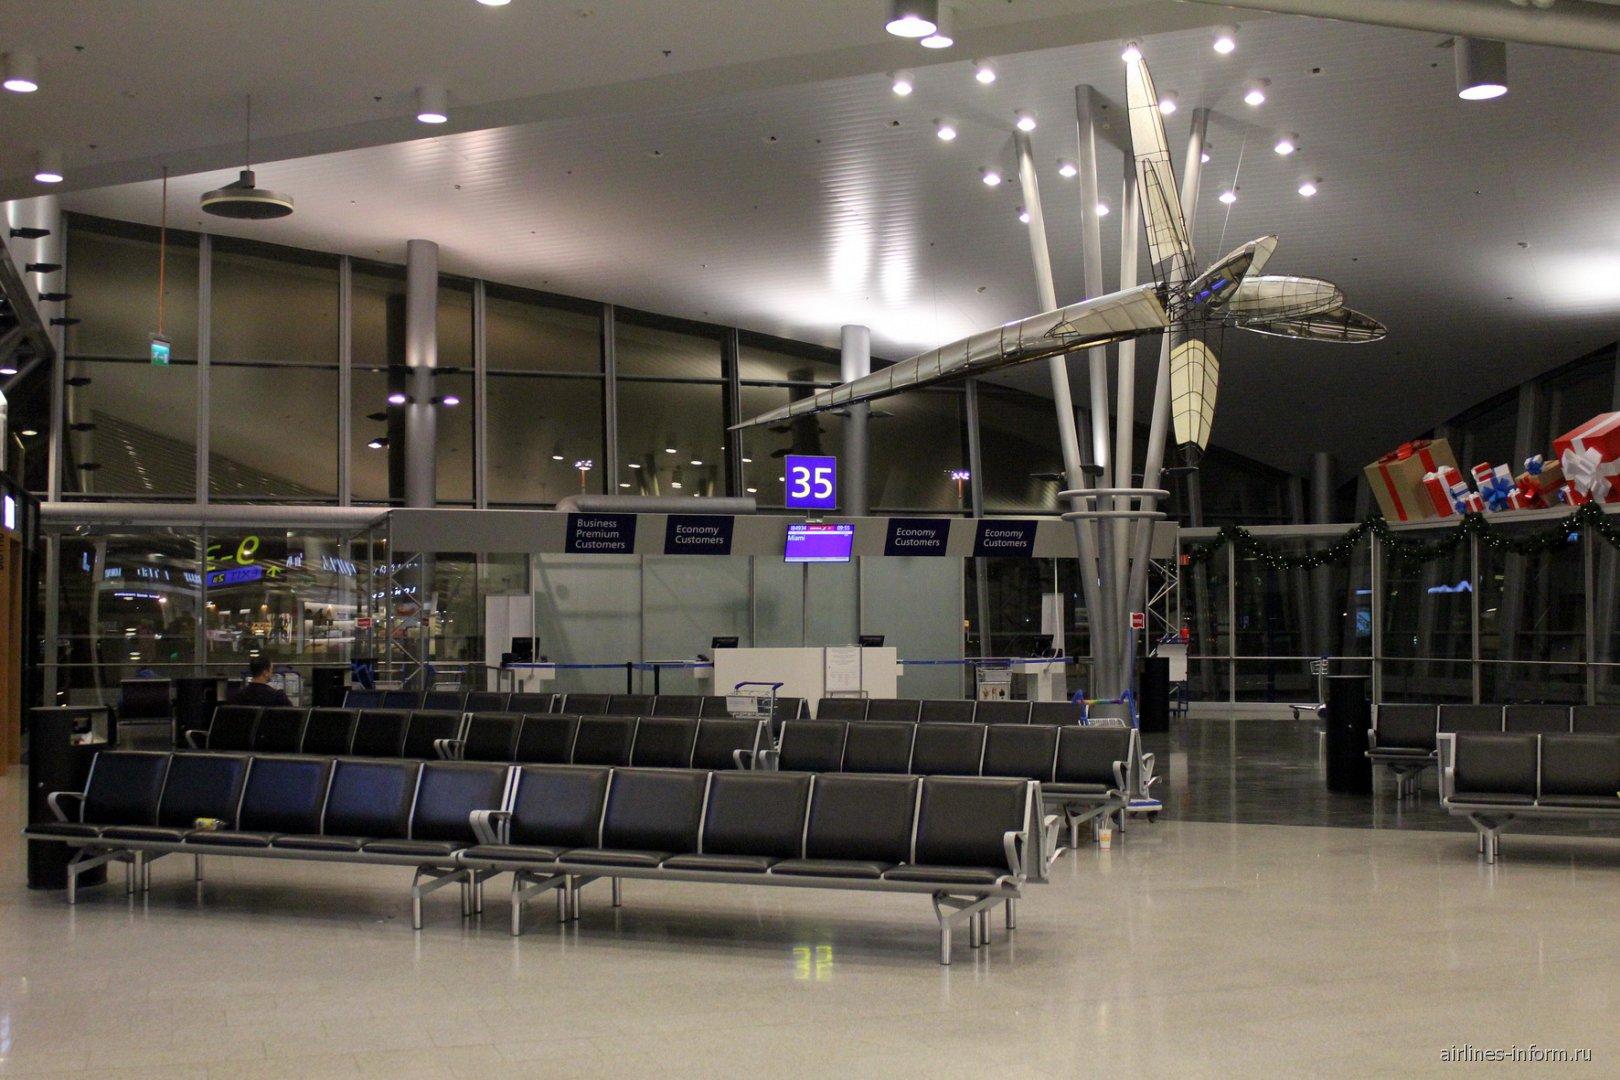 Зал ожидания в чистой зоне терминала 2 аэропорта Хельсинки Вантаа